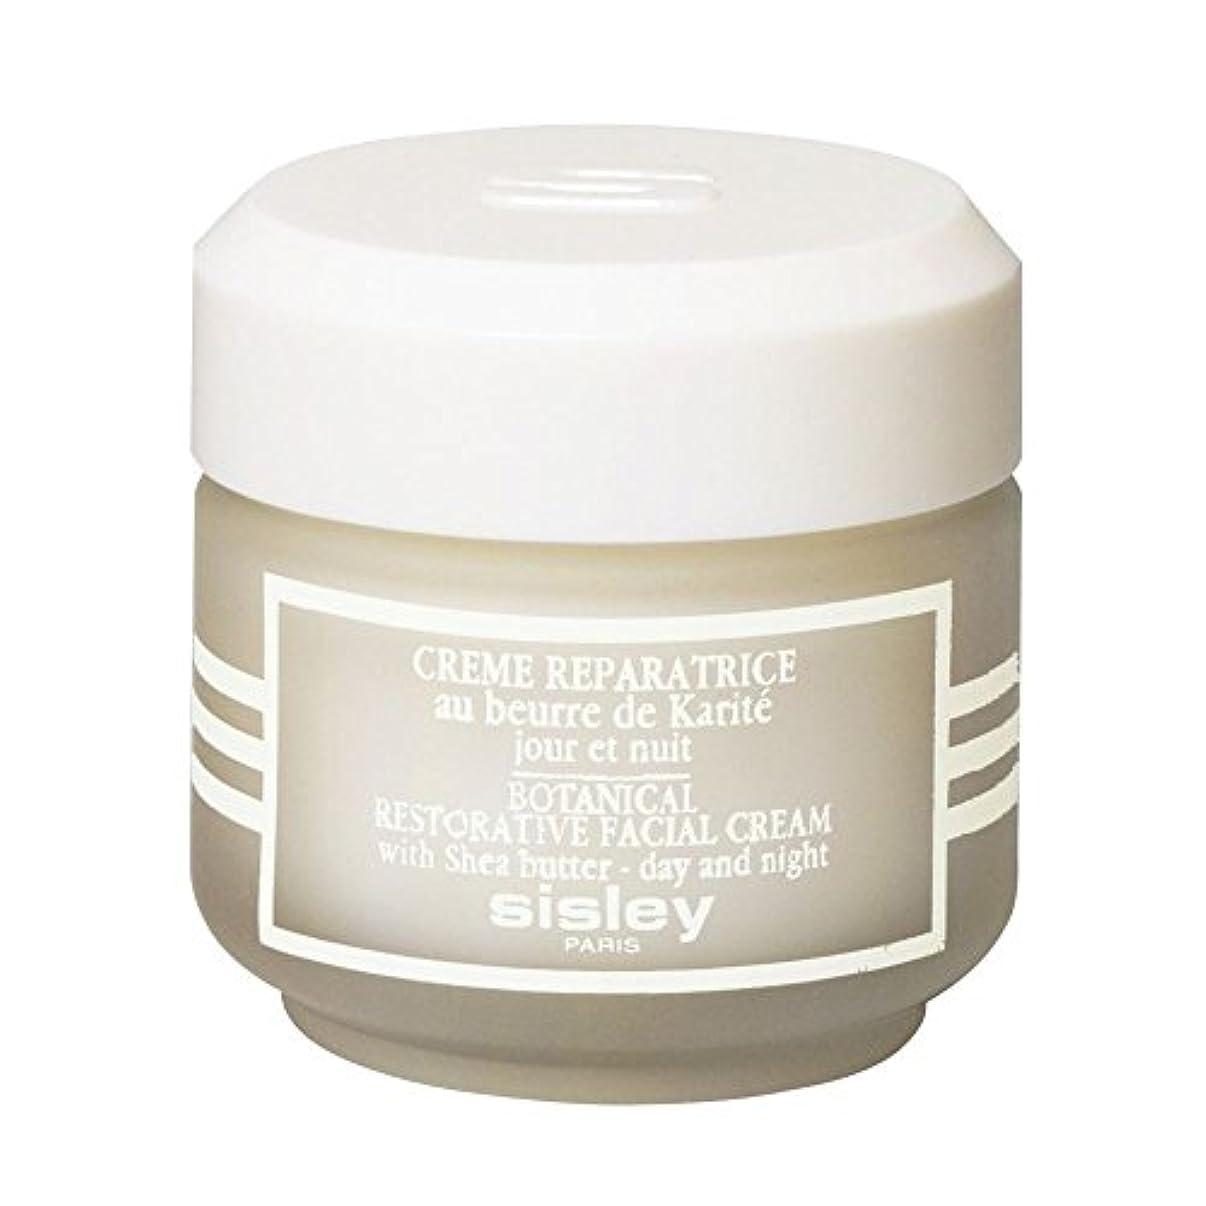 バンジョー騒乱カーテン[Sisley] シスレーボタニカル修復フェイスクリーム、50ミリリットル - Sisley Botanical Restorative Face Cream, 50ml [並行輸入品]